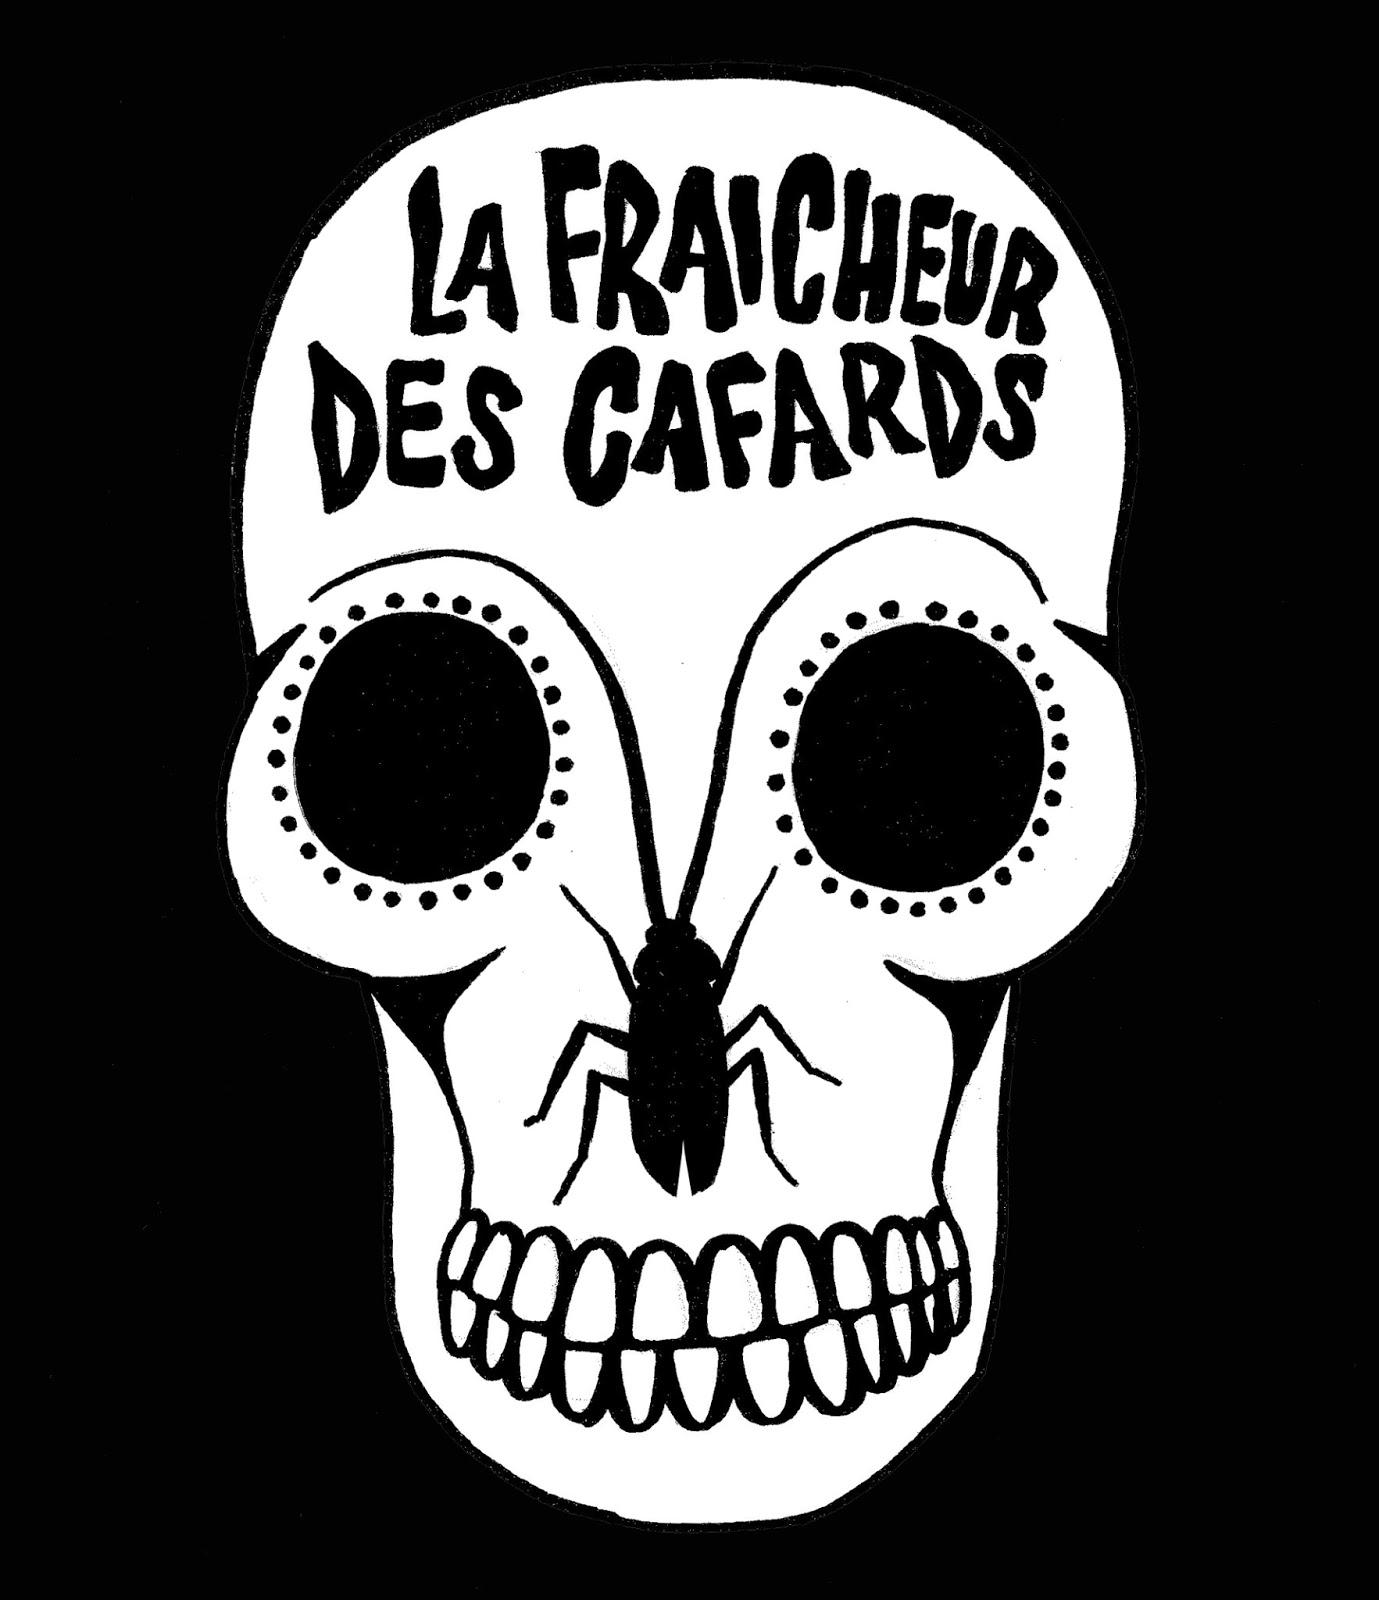 http://lafraicheurdescafards.blogspot.fr/2016/08/chroniques-plus-ou-moins-elogieuses.html